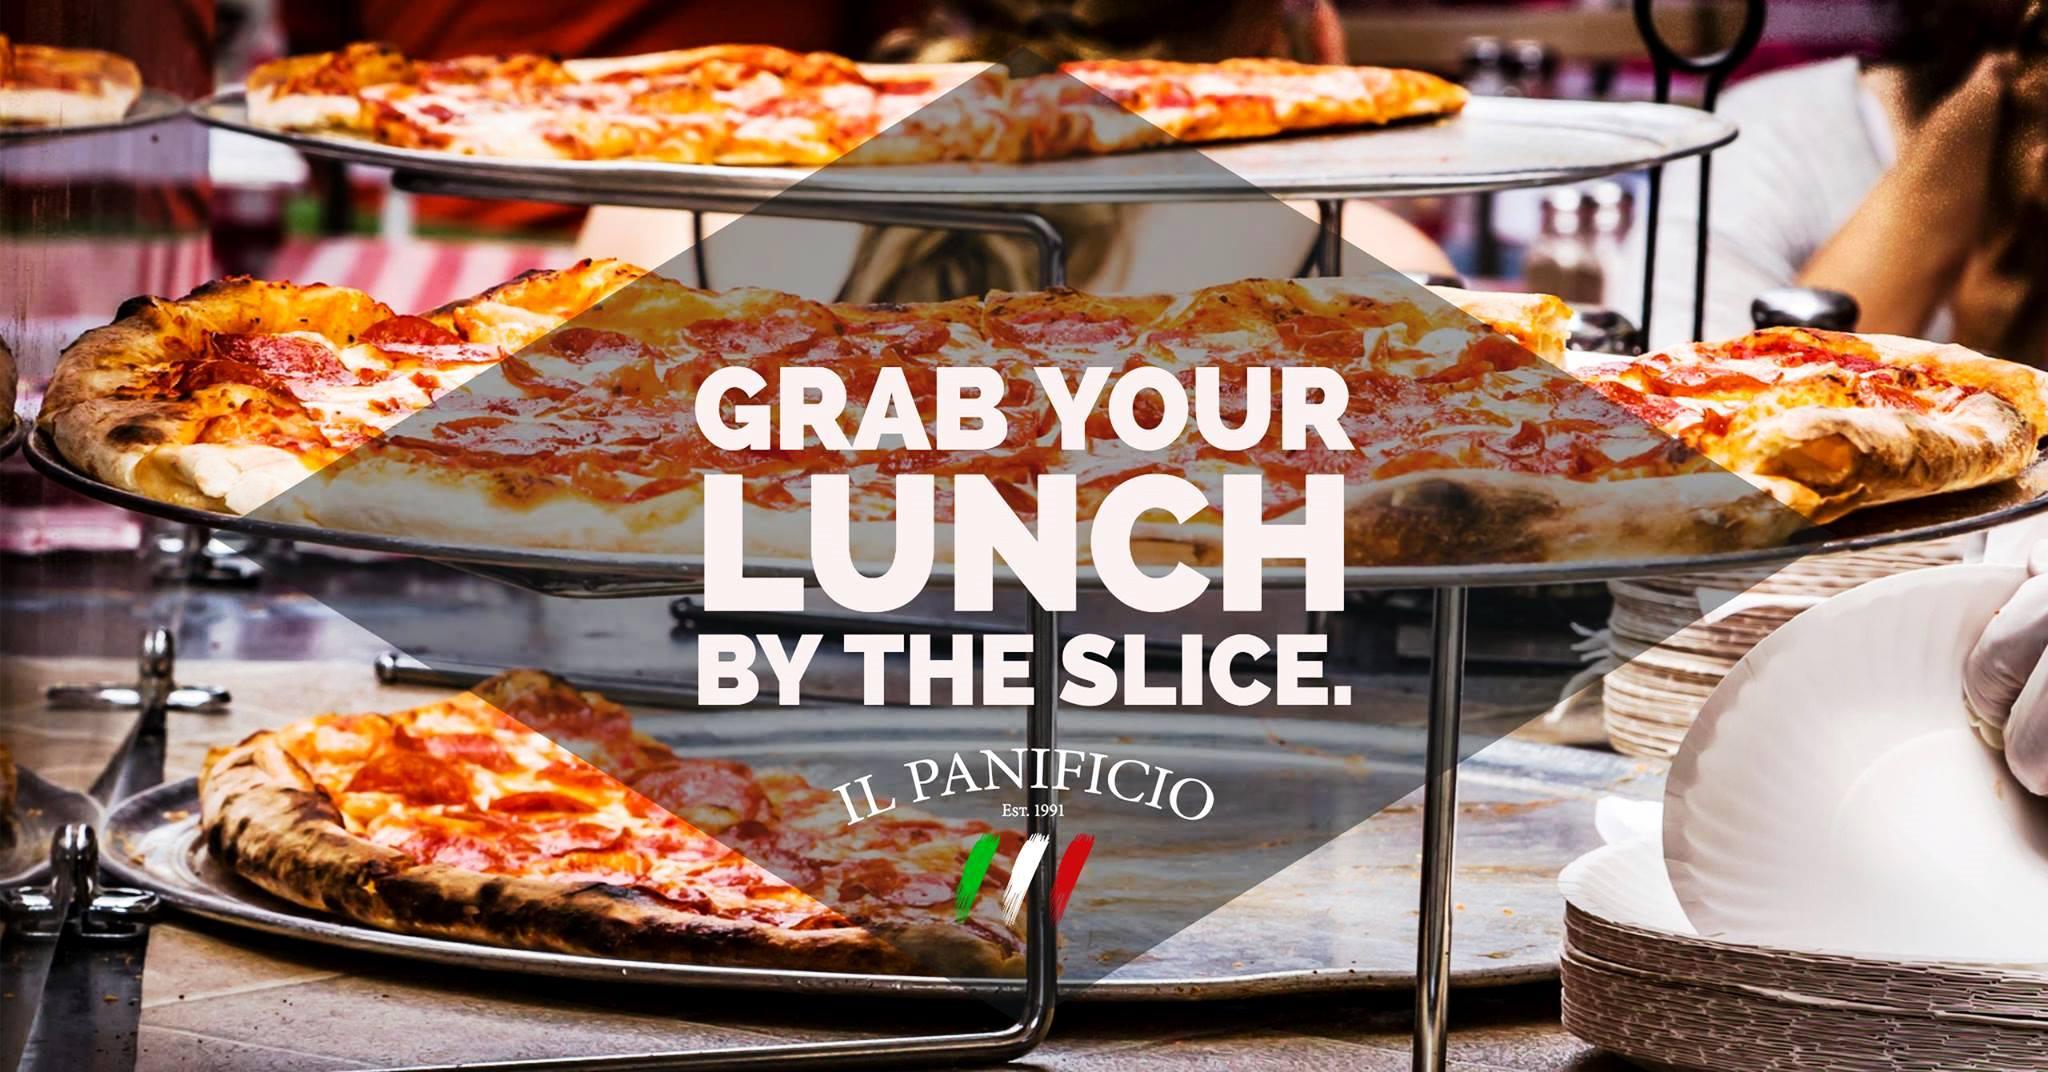 pizza slices for lunch gulf gate il panificio